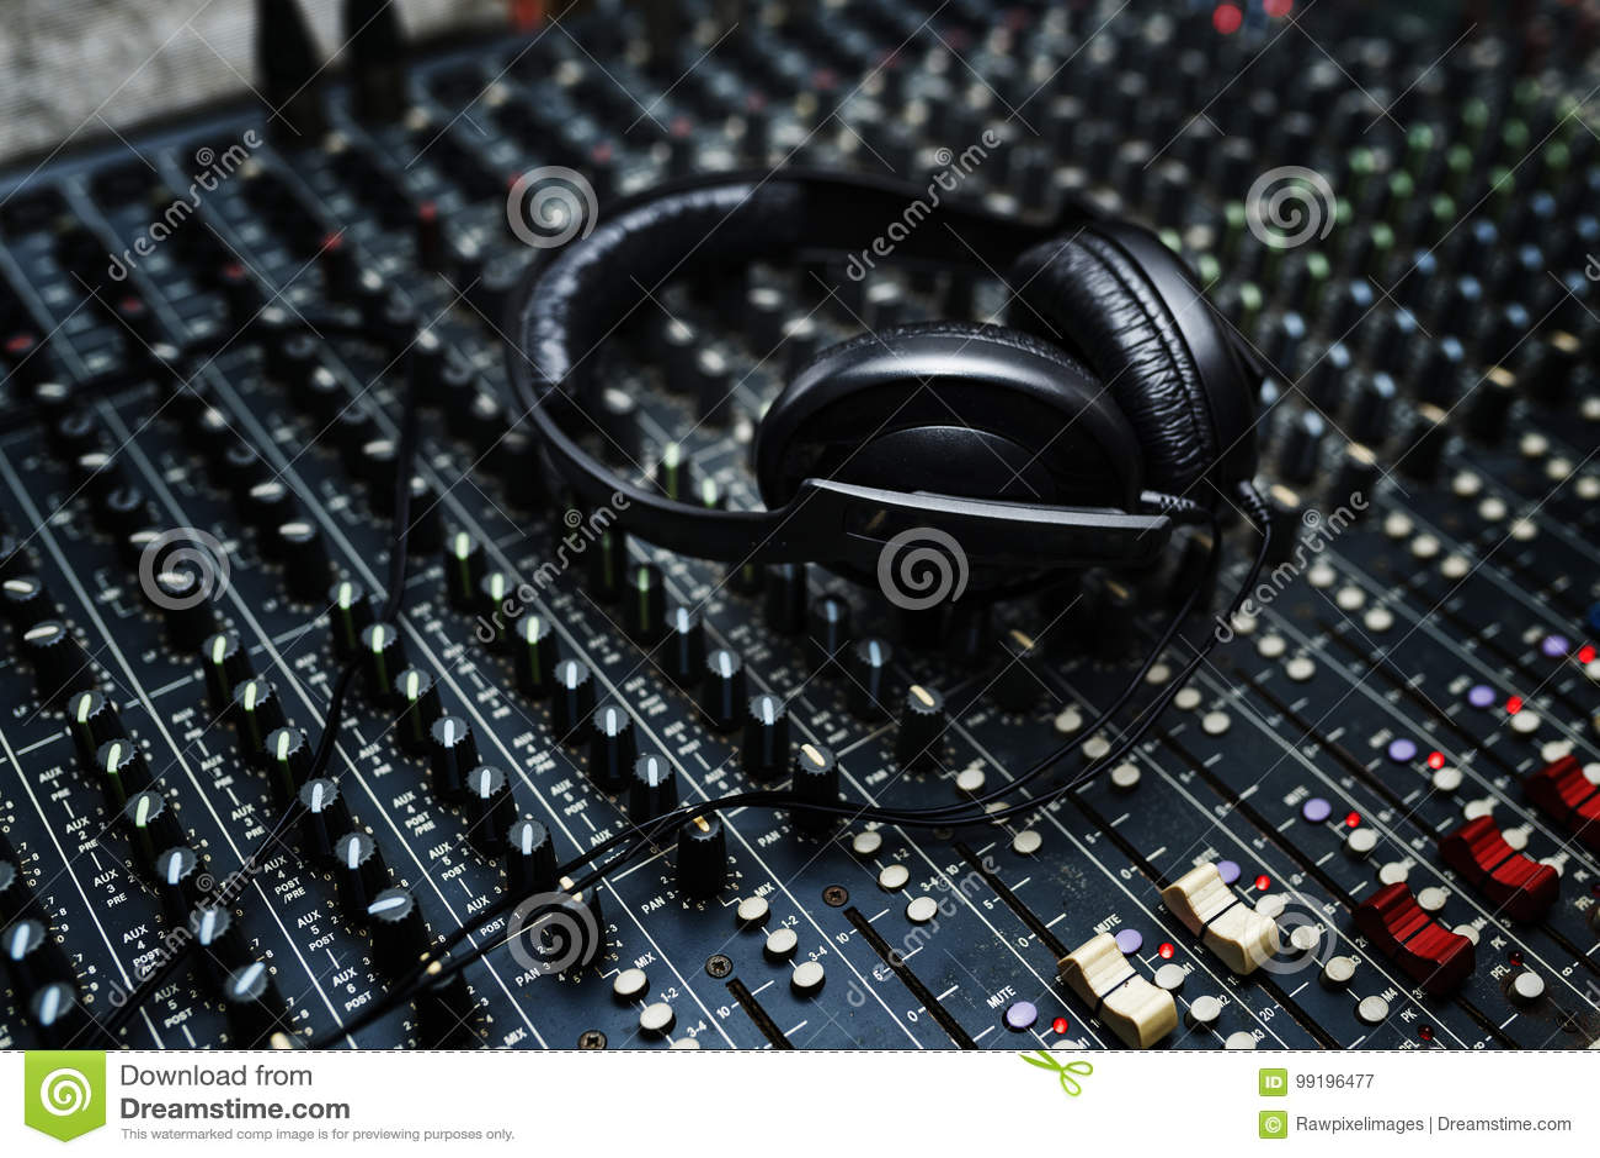 O fones de ouvido está na estação do DJ do entretenimento do equipamento do misturador